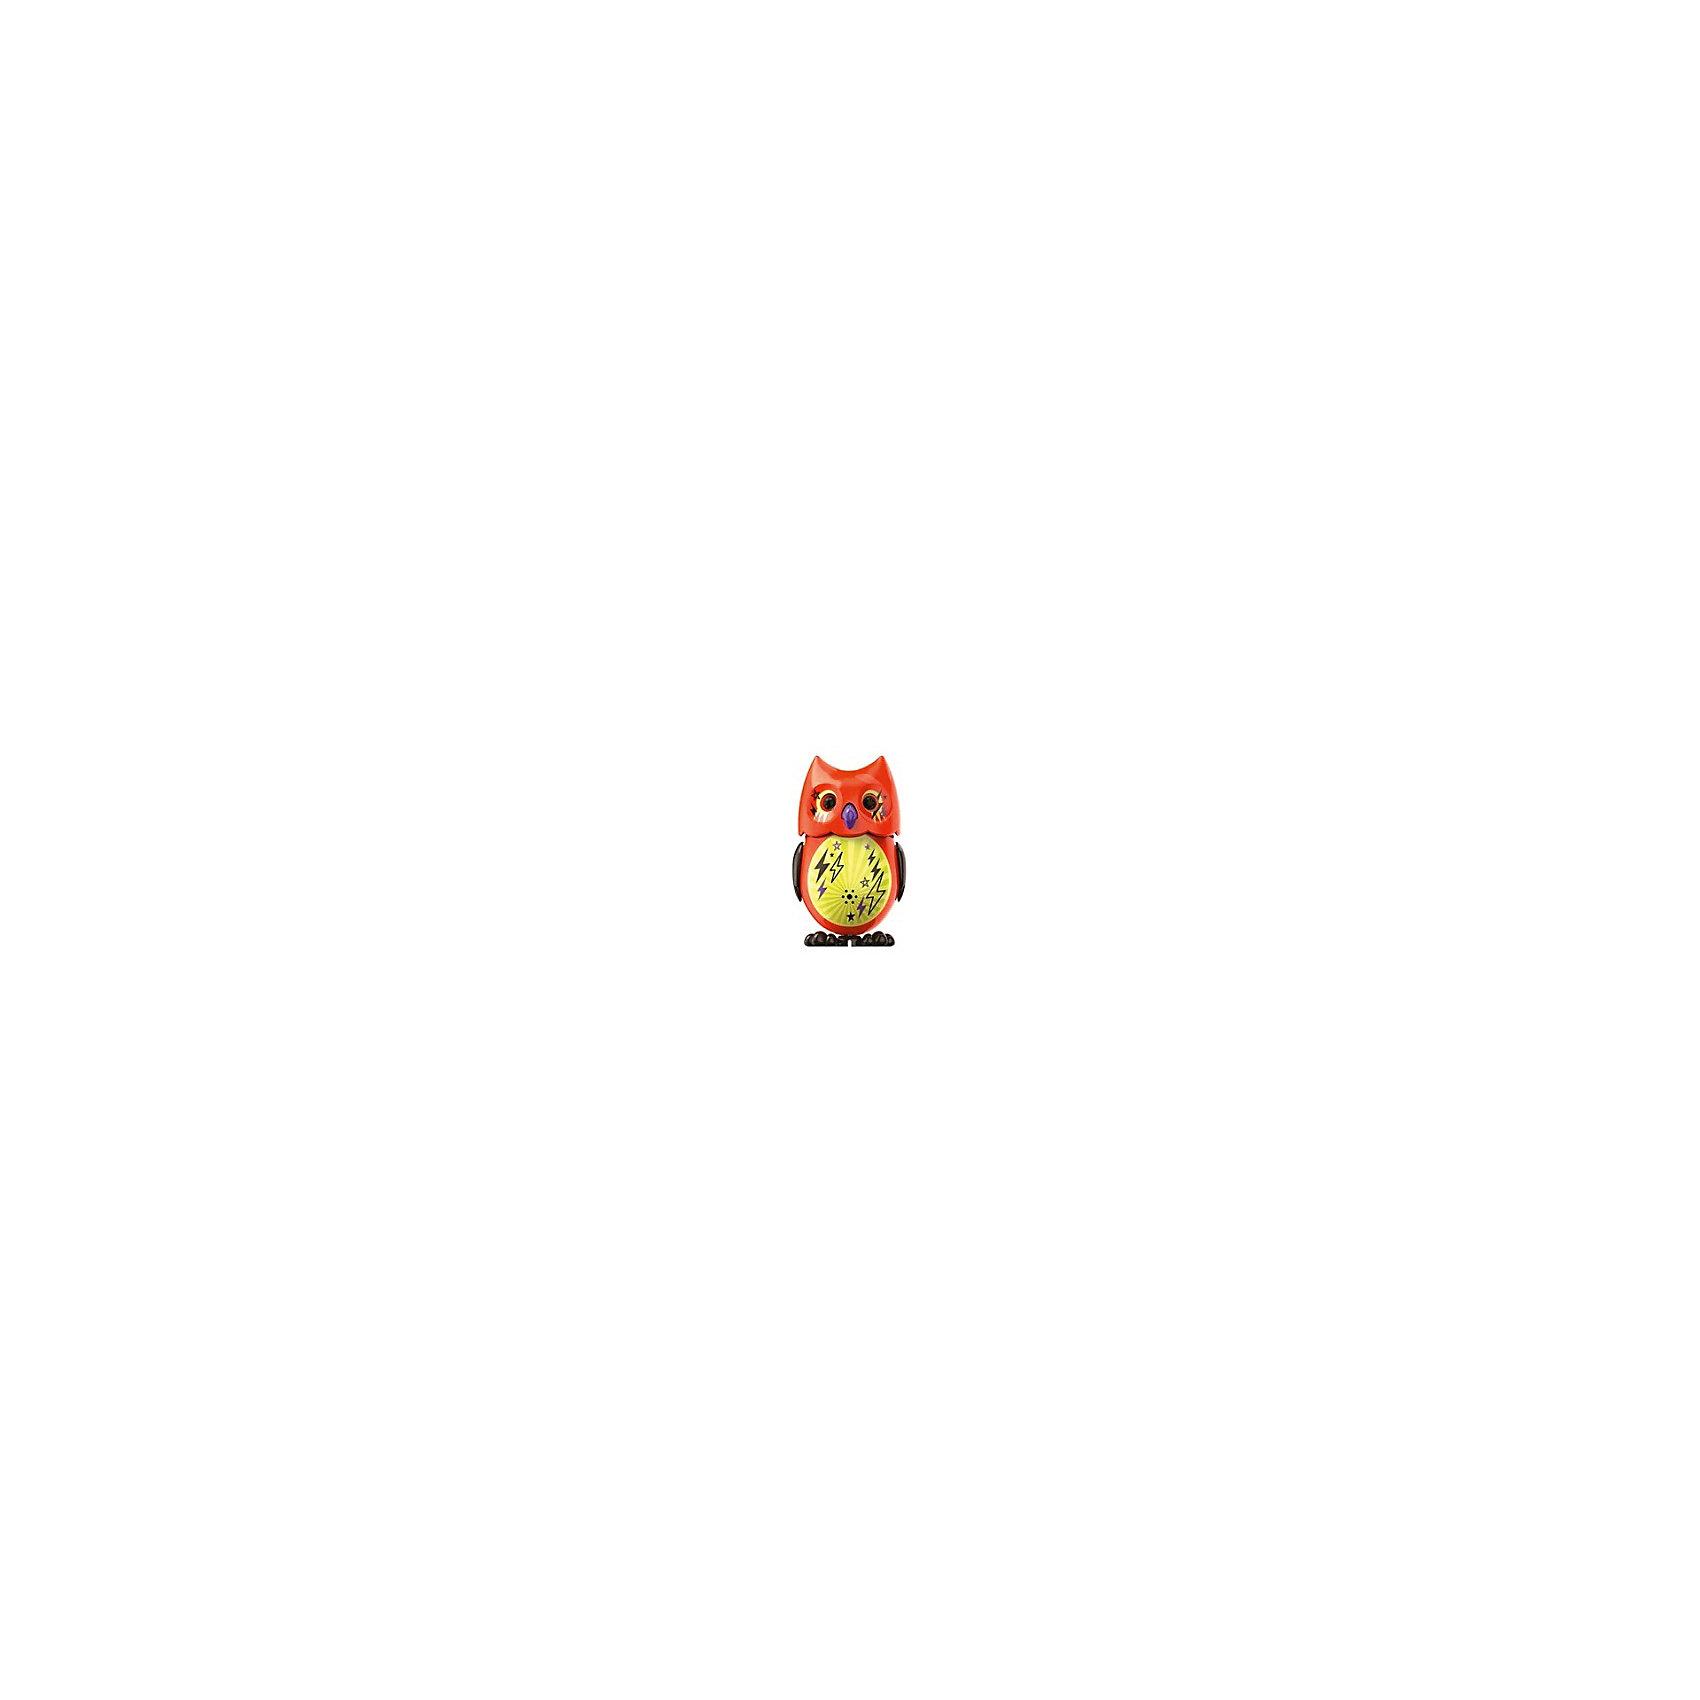 Поющая сова с кольцом, оранжевая, DigiBirdsИнтерактивные животные<br>Поющая сова с кольцом, оранжевая, DigiBirds, Silverlit (Сильверлит) ? интерактивная птичка от мирового производителя детских товаров Silverlit (Сильверлит). Сова оснащена световыми и звуковыми эффектами. Ее творческий репертуар состоит из 55 песенок, которые исполняются как в сольном виде, так и в хоровом. Имея столь разнообразный репертуар, эта игрушка вряд ли быстро наскучит вашему ребенку. Активируется сова тремя способами: на нее достаточно подуть или посвистеть в свисток, который идет в комплекте, или резко взмахнуть по воздуху, держа птичку в руке. Кроме того, сова умеет танцевать: в такт музыке машет крыльями, раскрывает клюв и поворачивает головой. Кроме того, пение сопровождается свечением больших очаровательных глаз.<br>Поющая сова с кольцом, оранжевая, DigiBirds, Silverlit (Сильверлит) ? совершенно уникальная игрушка, которая не только развлекает вашего ребенка, но и занимается его музыкальным развитием. В первую очередь, она способствует формированию музыкального слуха и памяти. Простые действия: подуть в свисток, подуть на сову ? простые, но очень эффективные упражнения, которые направлены на развитие речевого аппарата.<br>Поющая сова с кольцом, оранжевая, DigiBirds, Silverlit (Сильверлит) ? это миниатюрный музыкальный центр для вашего ребенка.<br><br>Дополнительная информация:<br><br>- Вид игр: сюжетно-ролевые игры <br>- Предназначение: для дома<br>- Батарейки: 3 шт. LR44<br>- Материал: высококачественный пластик<br>- Размер (ДхШхВ): 6,4*15,2*10,2 см<br>- Вес: 91 г<br>- Комплектация: сова, свисток-кольцо для птички, инструкция, батарейки<br>- Особенности ухода: протирать влажной губкой<br><br>ВНИМАНИЕ! Данный артикул имеется в наличии в разных цветовых исполнениях (сиреневый, красный, бирюзовый, белый, розовый, оранжевый). К сожалению, заранее выбрать определенный цвет невозможно. <br><br>Подробнее:<br><br>• Для детей в возрасте: от 3 лет и до 7 лет <br>• Страна производитель: Китай<b